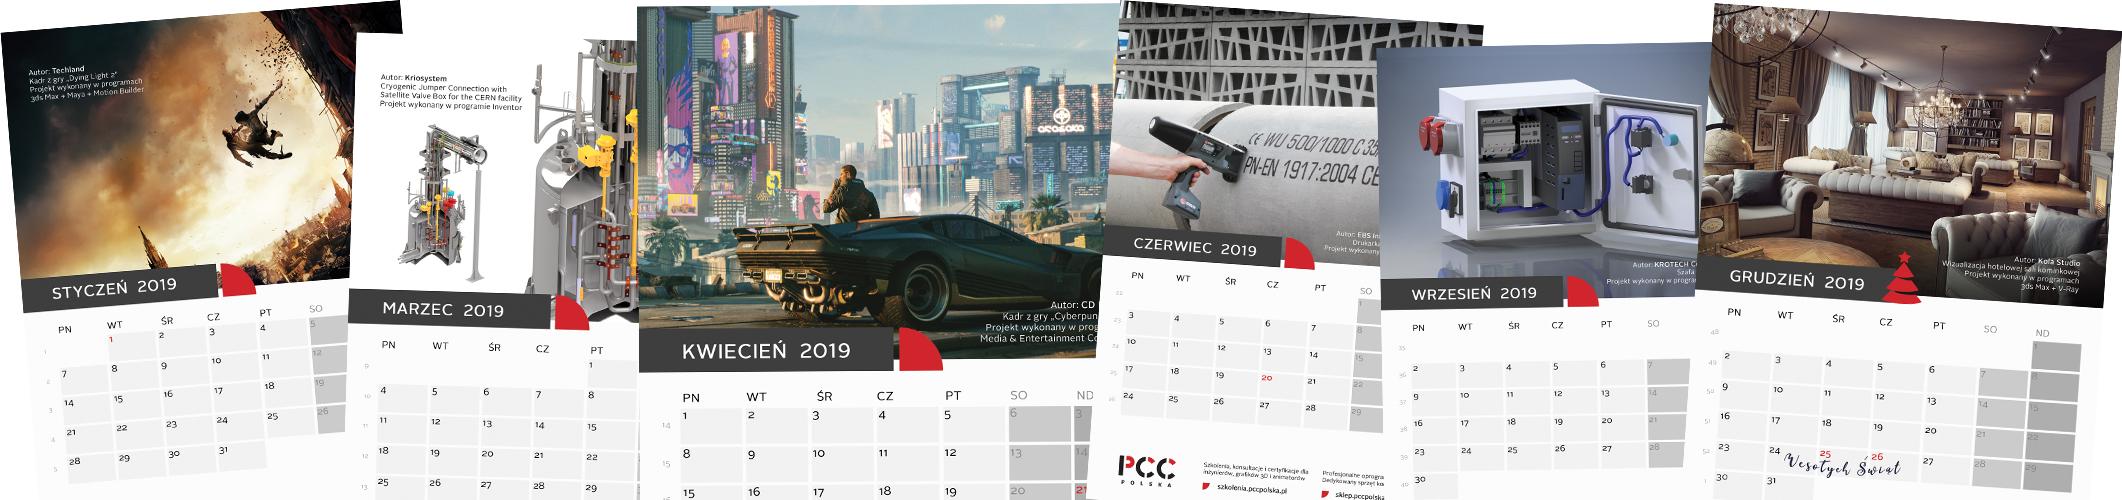 2019-kalendarz - karty kalendarza 2019